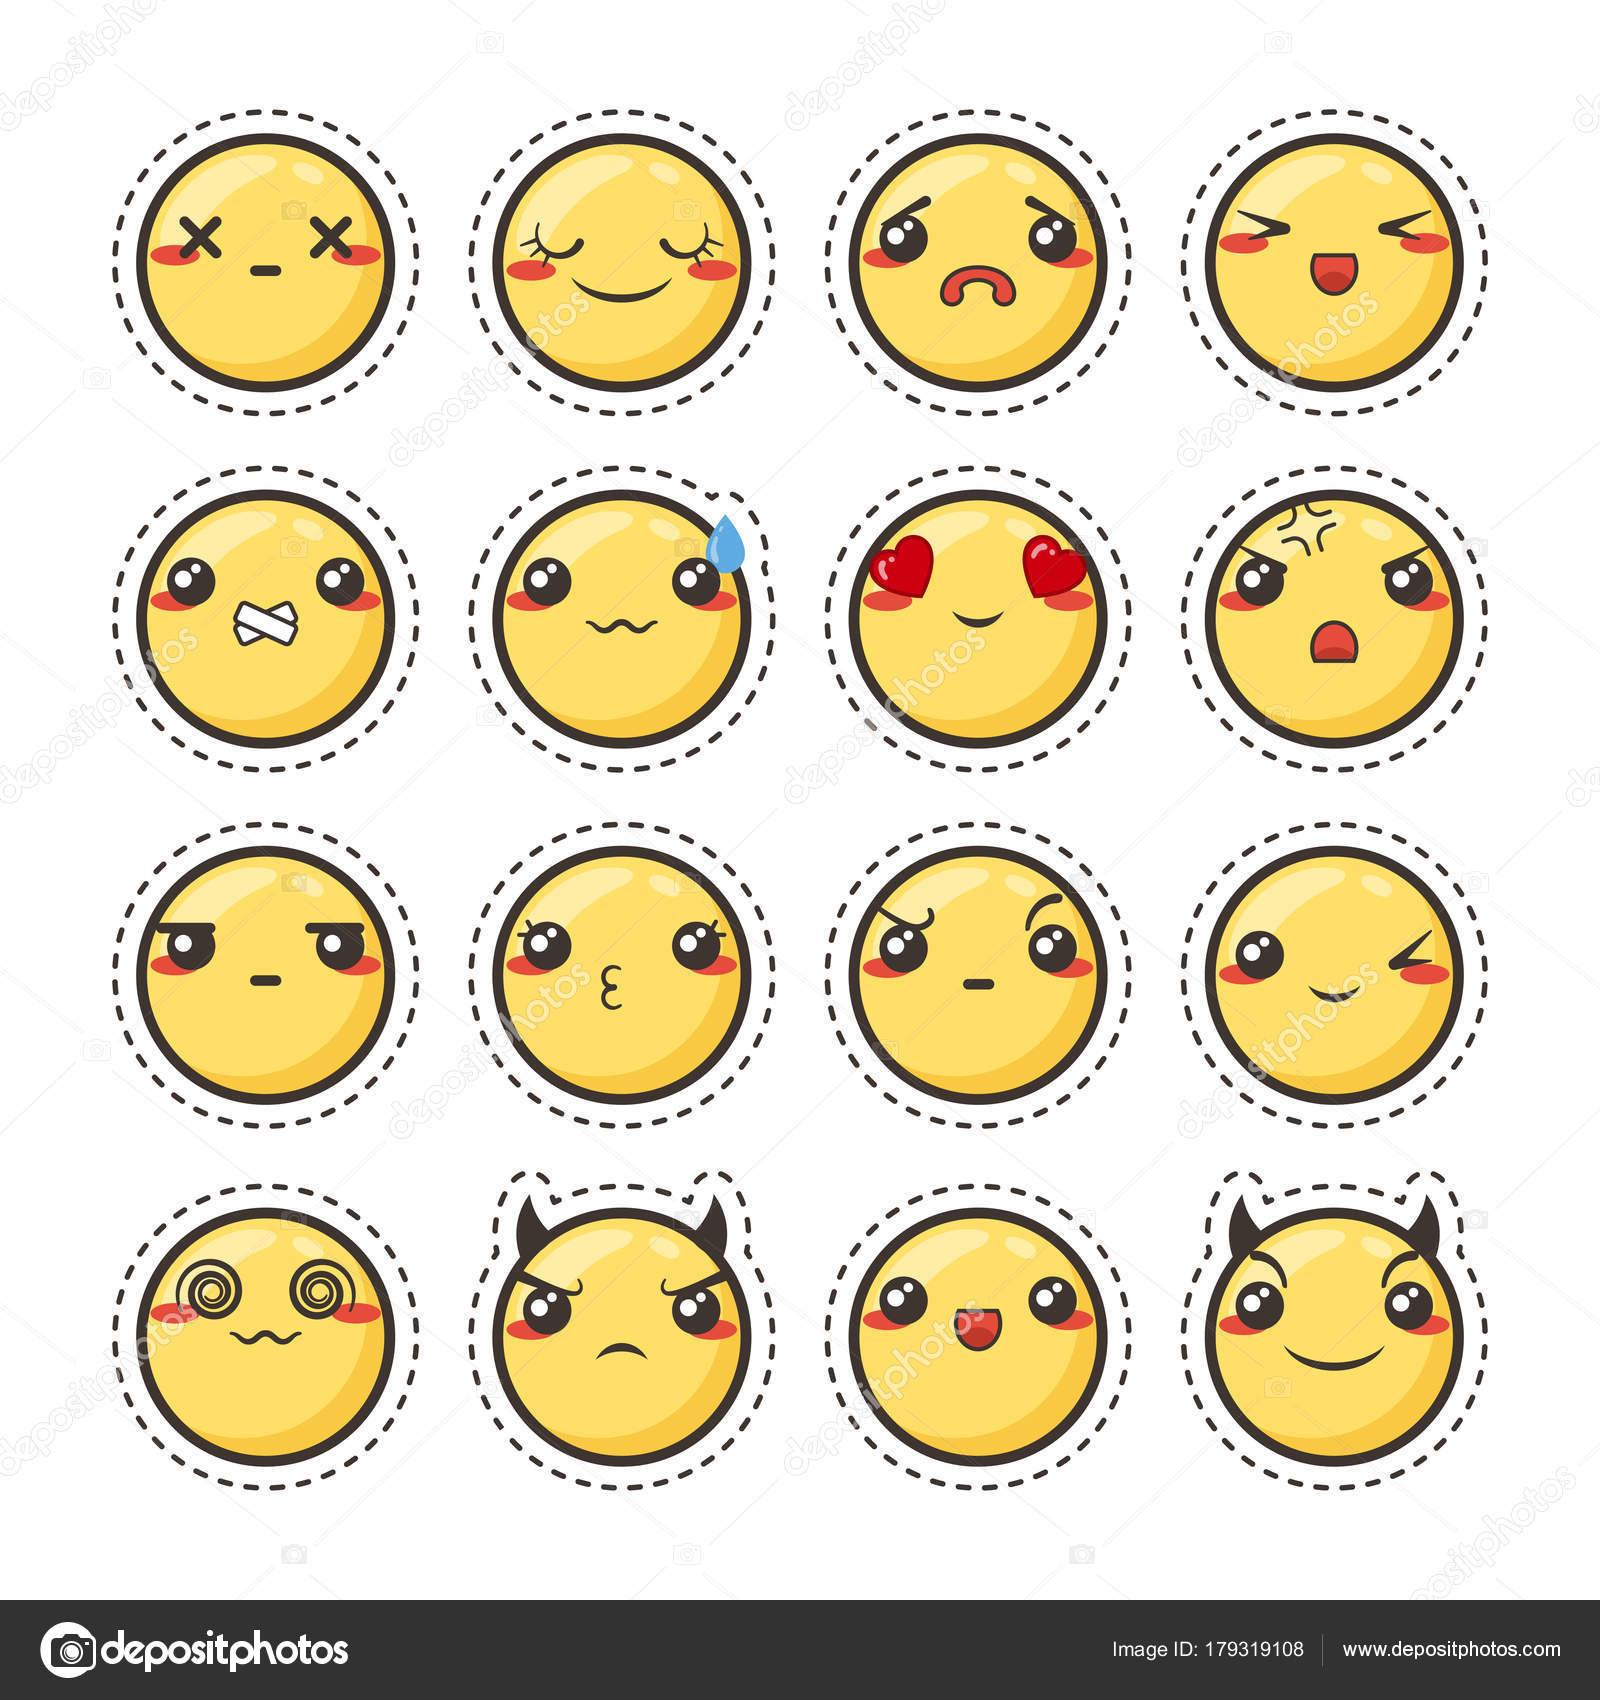 キュートかわいいカワイイ顔文字のセットです。ステッカー コレクション